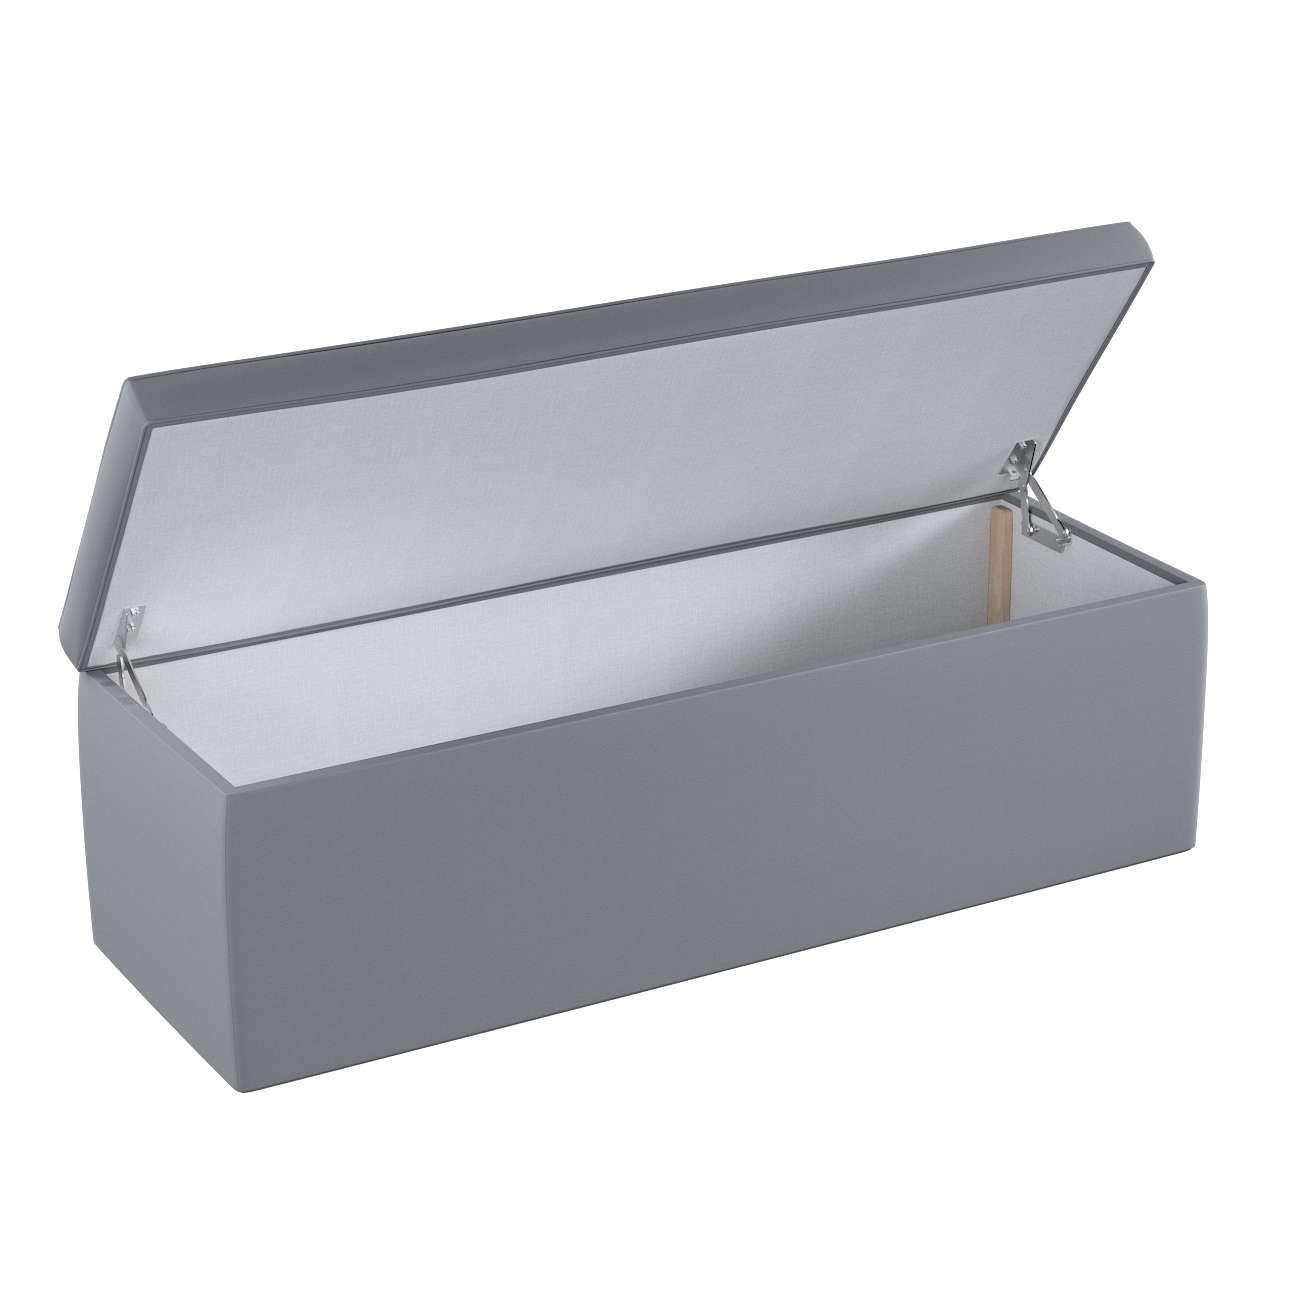 Čalouněná skříň s volbou látky - 2 velikosti v kolekci Cotton Panama, látka: 702-07